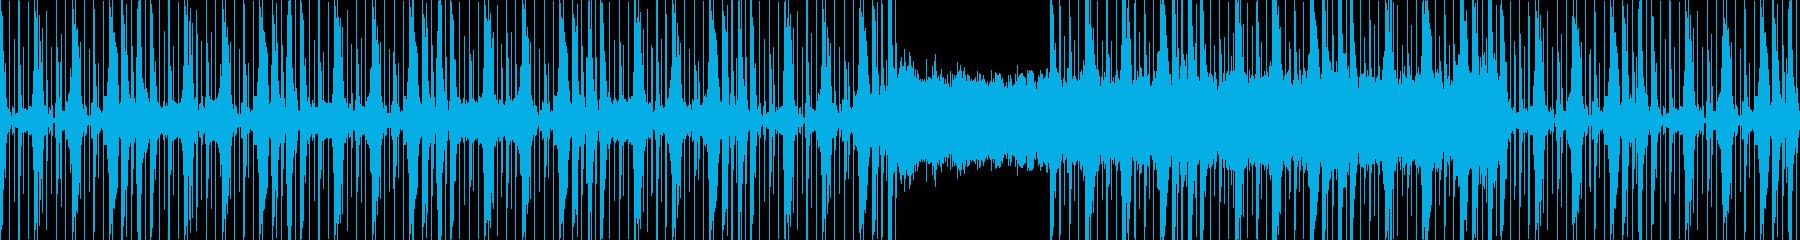 ローテンポから壮大になるスペーシーBGMの再生済みの波形